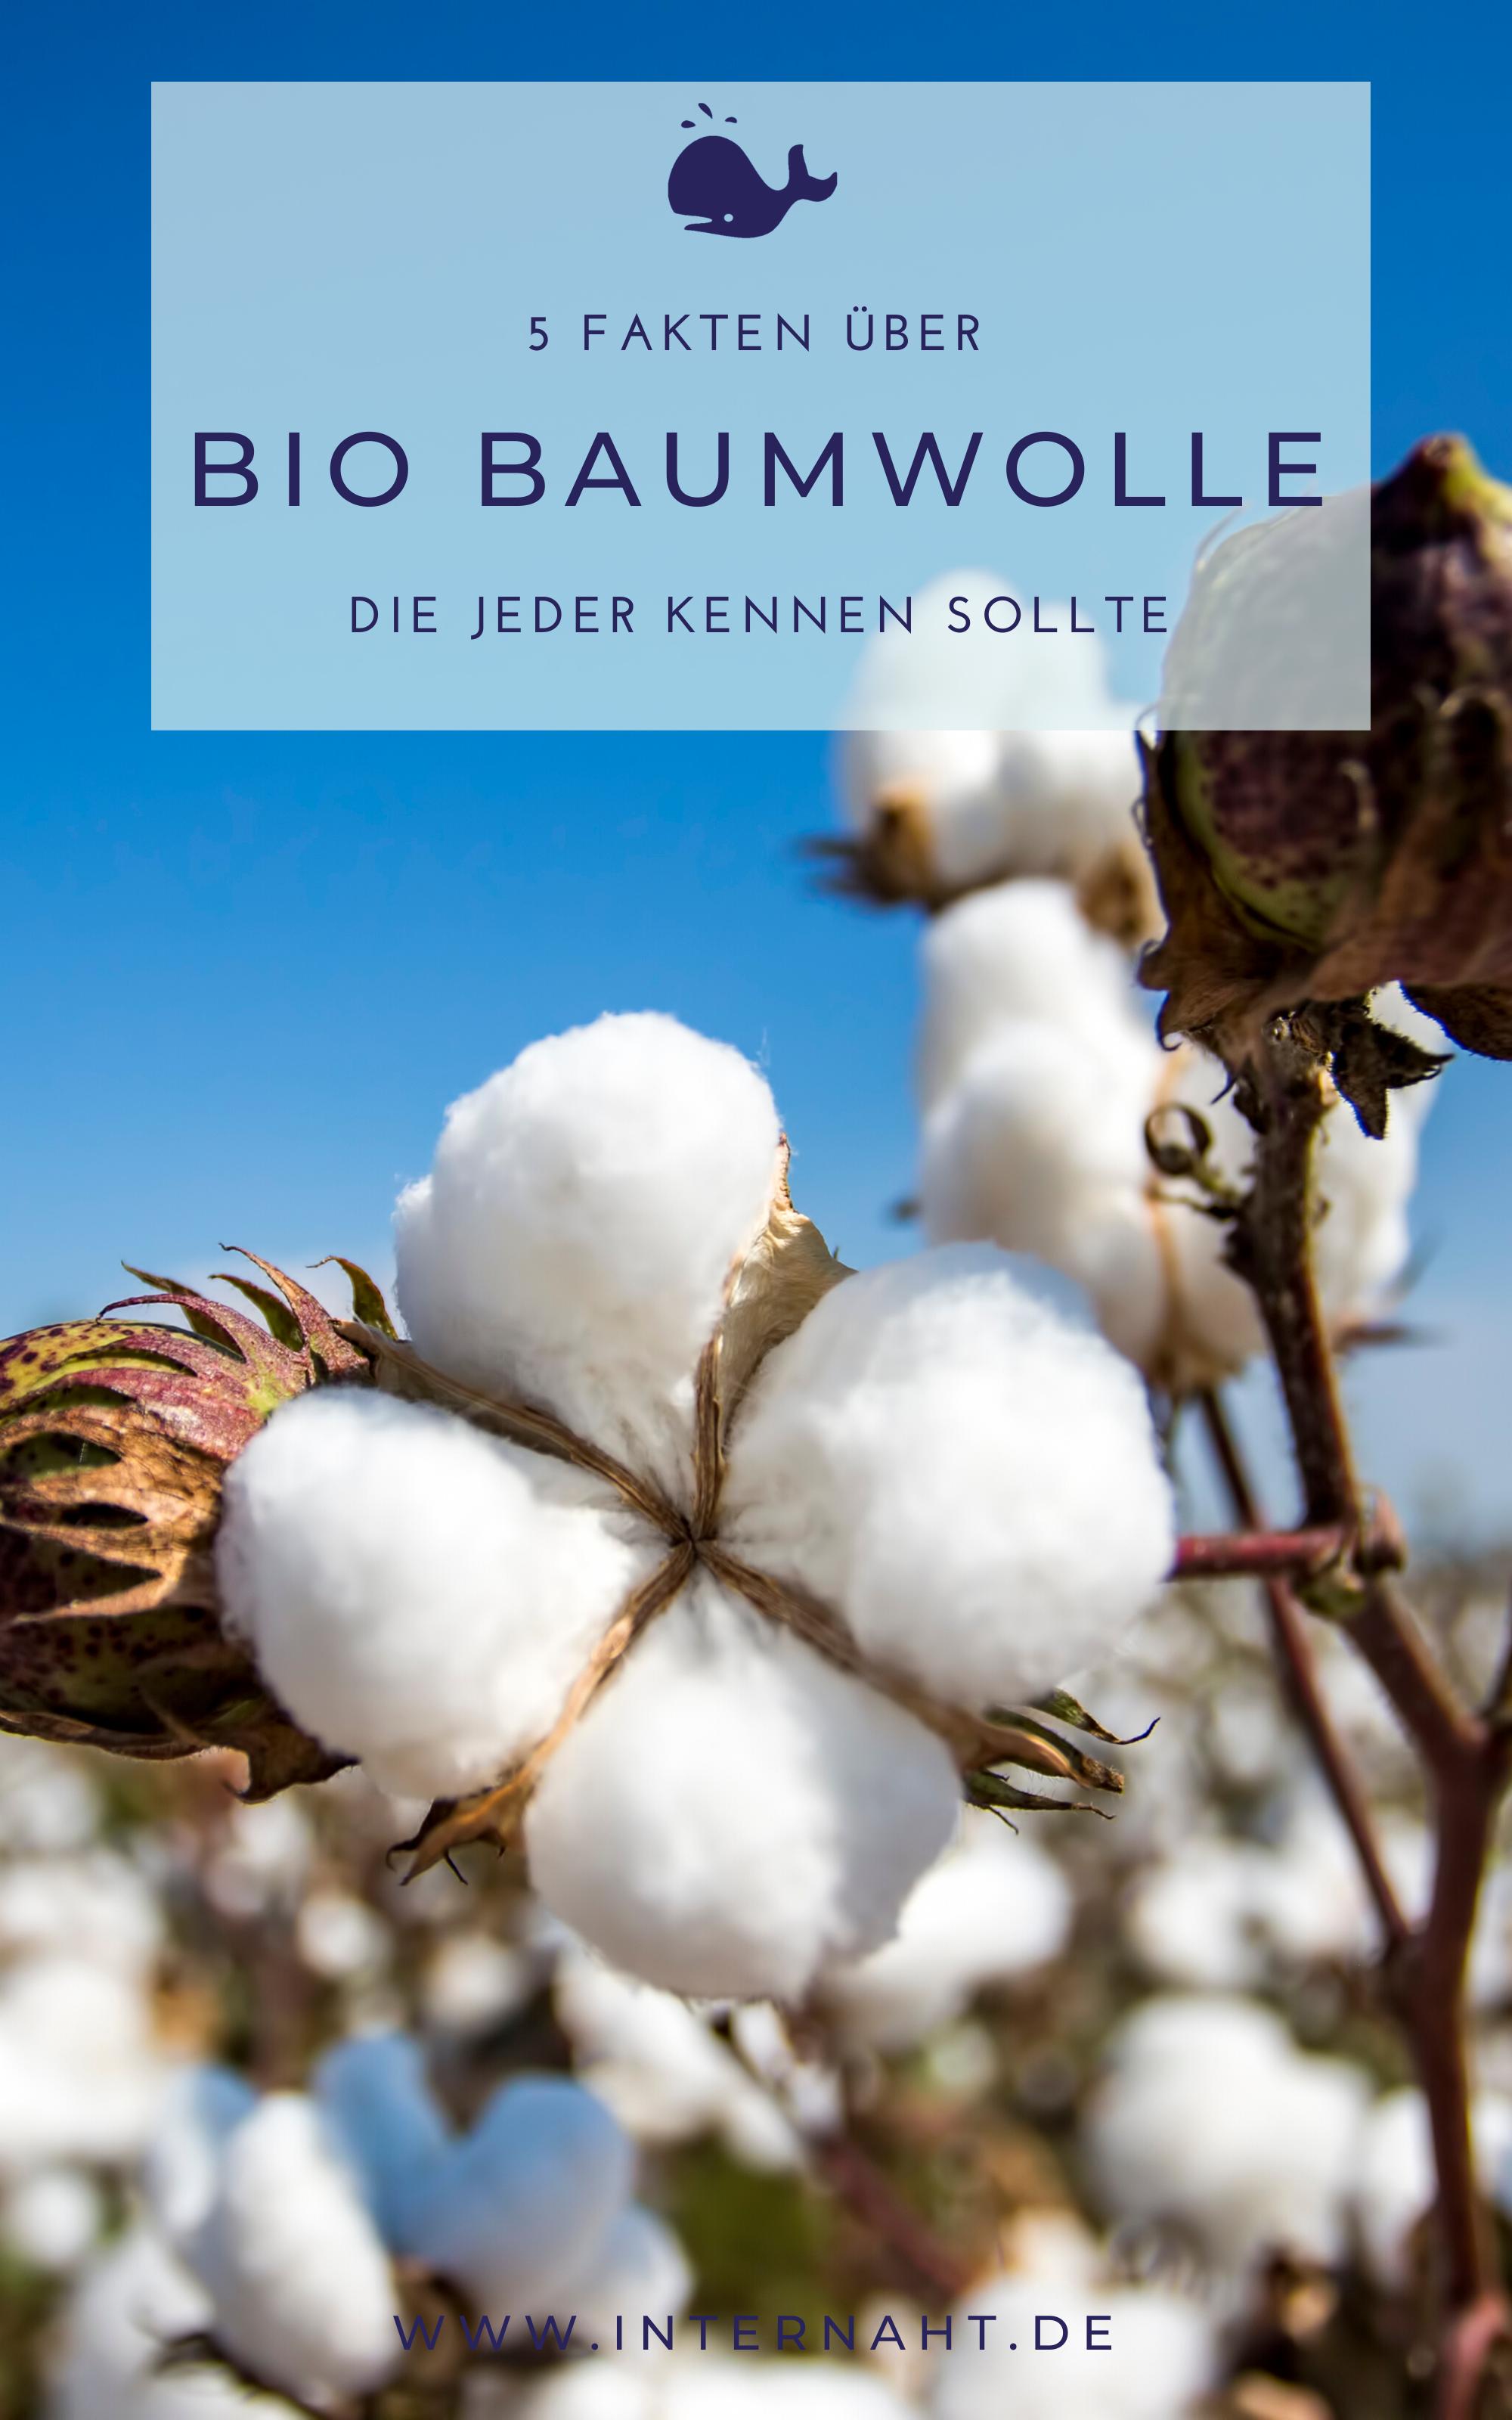 5 Fakten über Bio Baumwolle  #Baumwolle #Bio #Fakten #Über